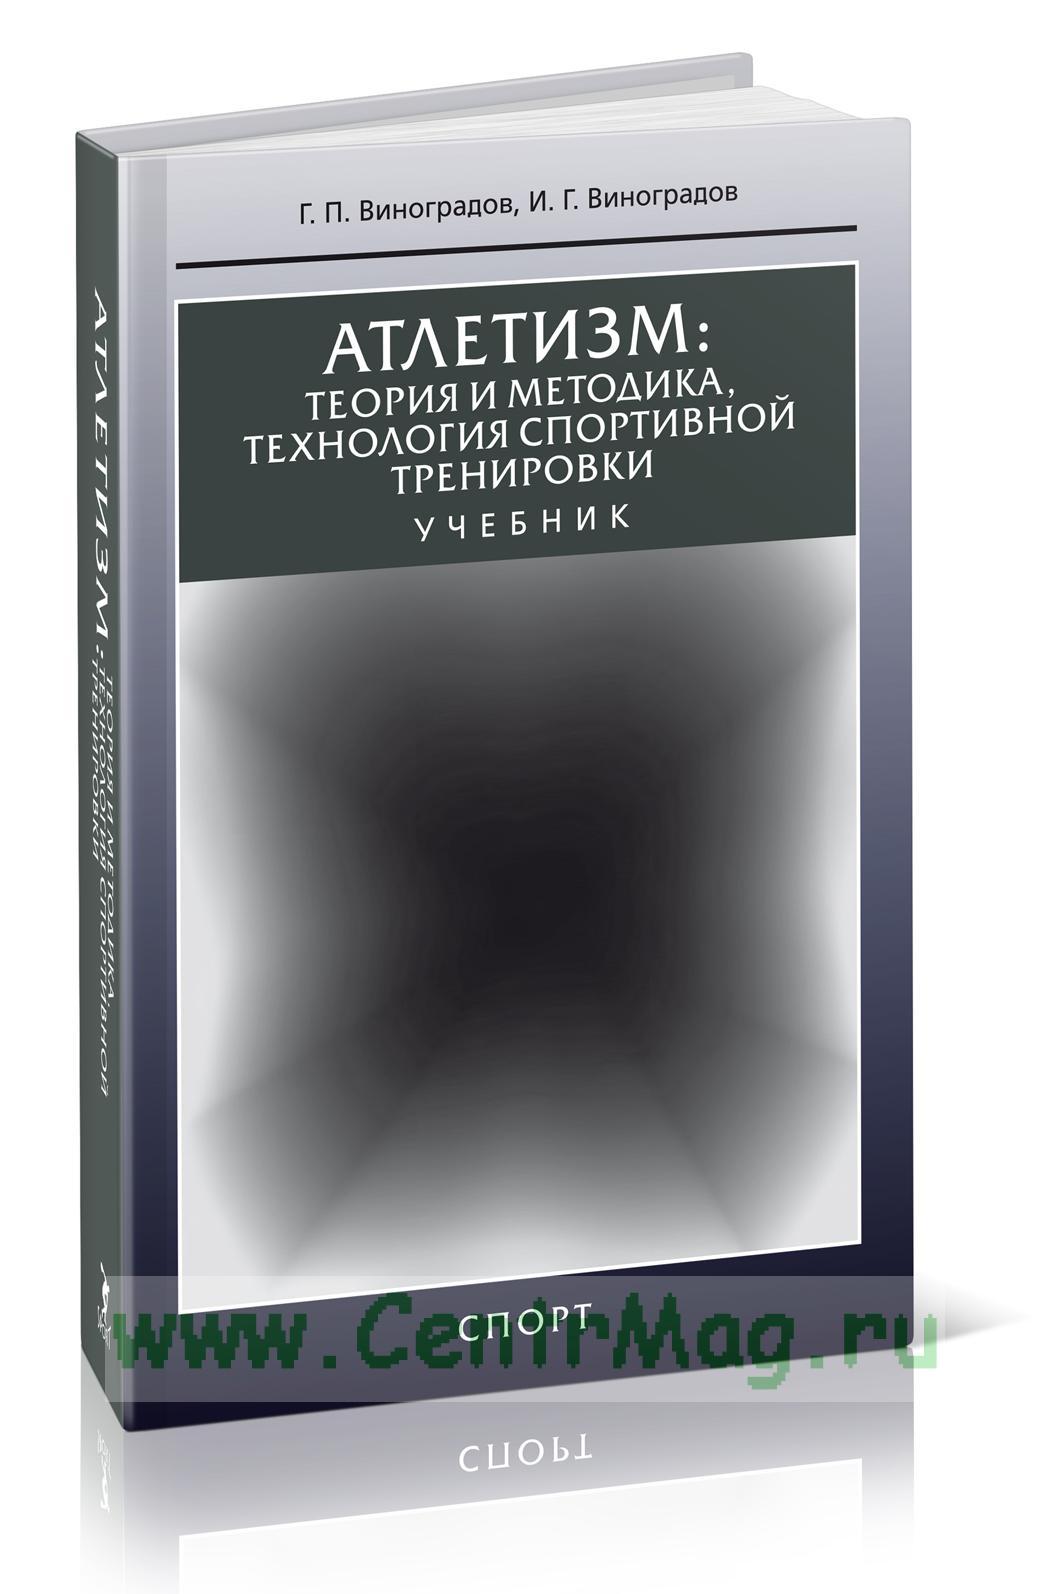 Атлетизм: теория и методика, технология спортивной тренировки: Учебник